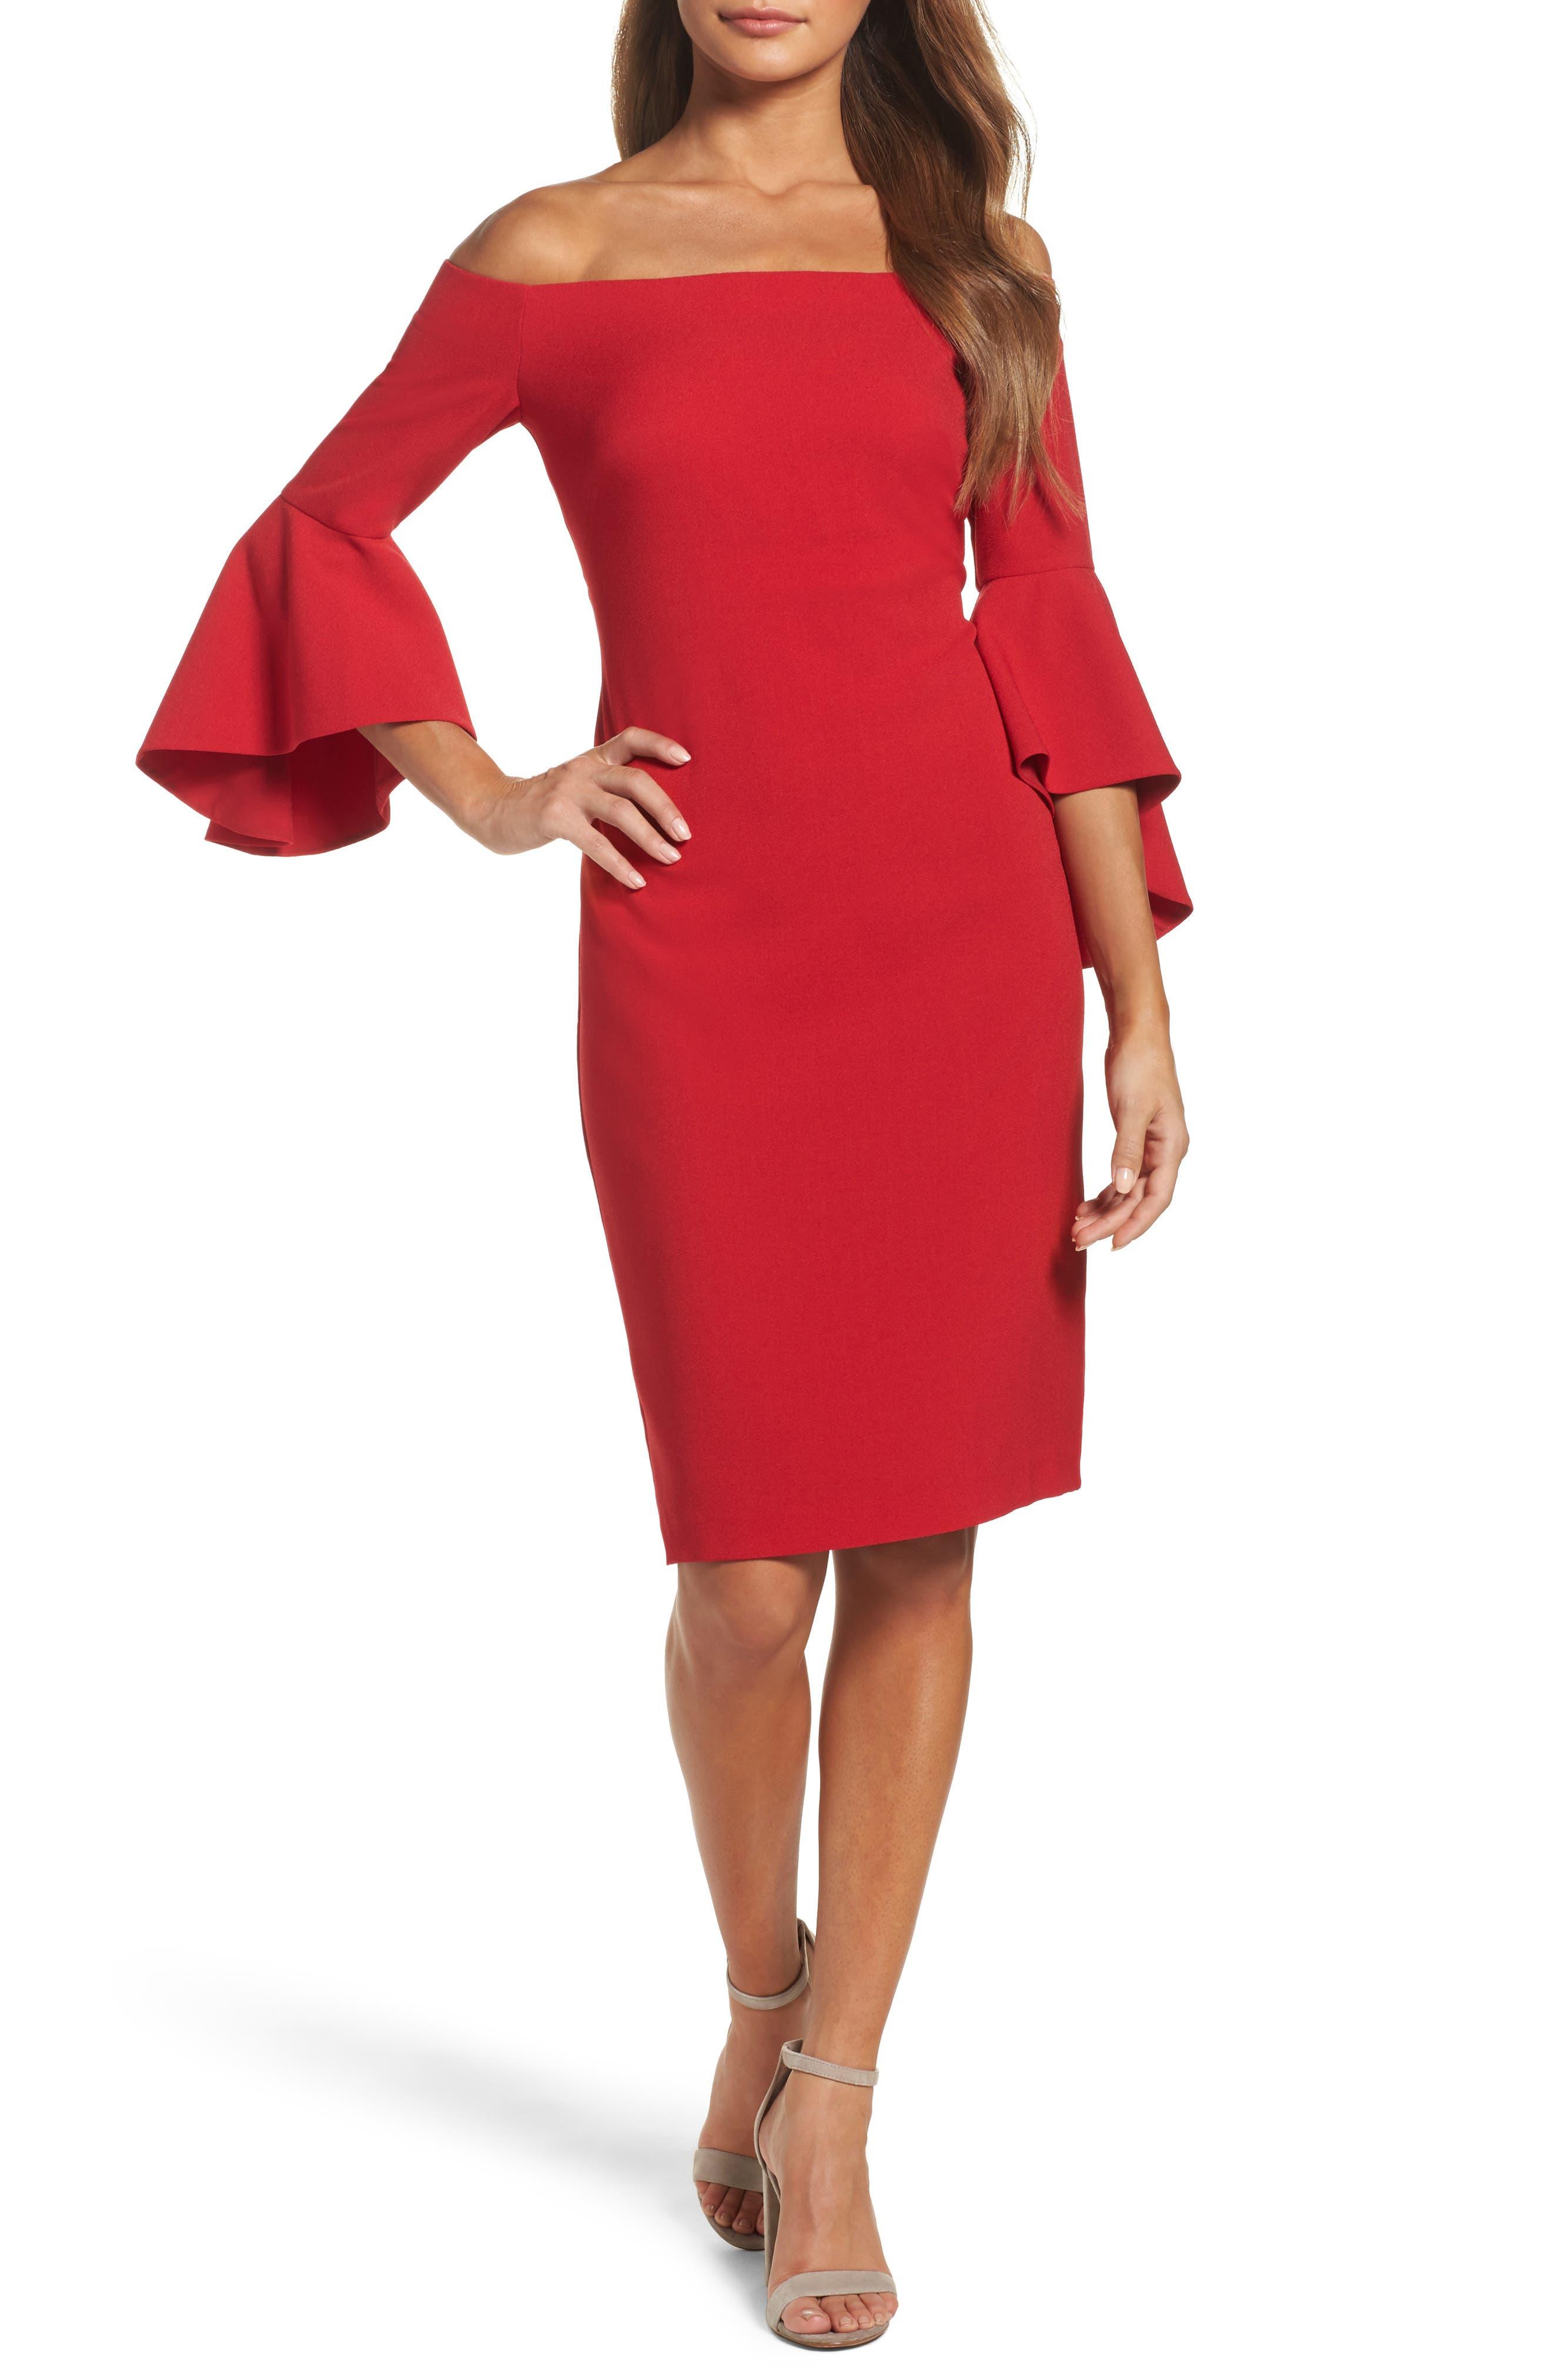 Alternate Image 1 Selected - Chelsea28 Off the Shoulder Dress